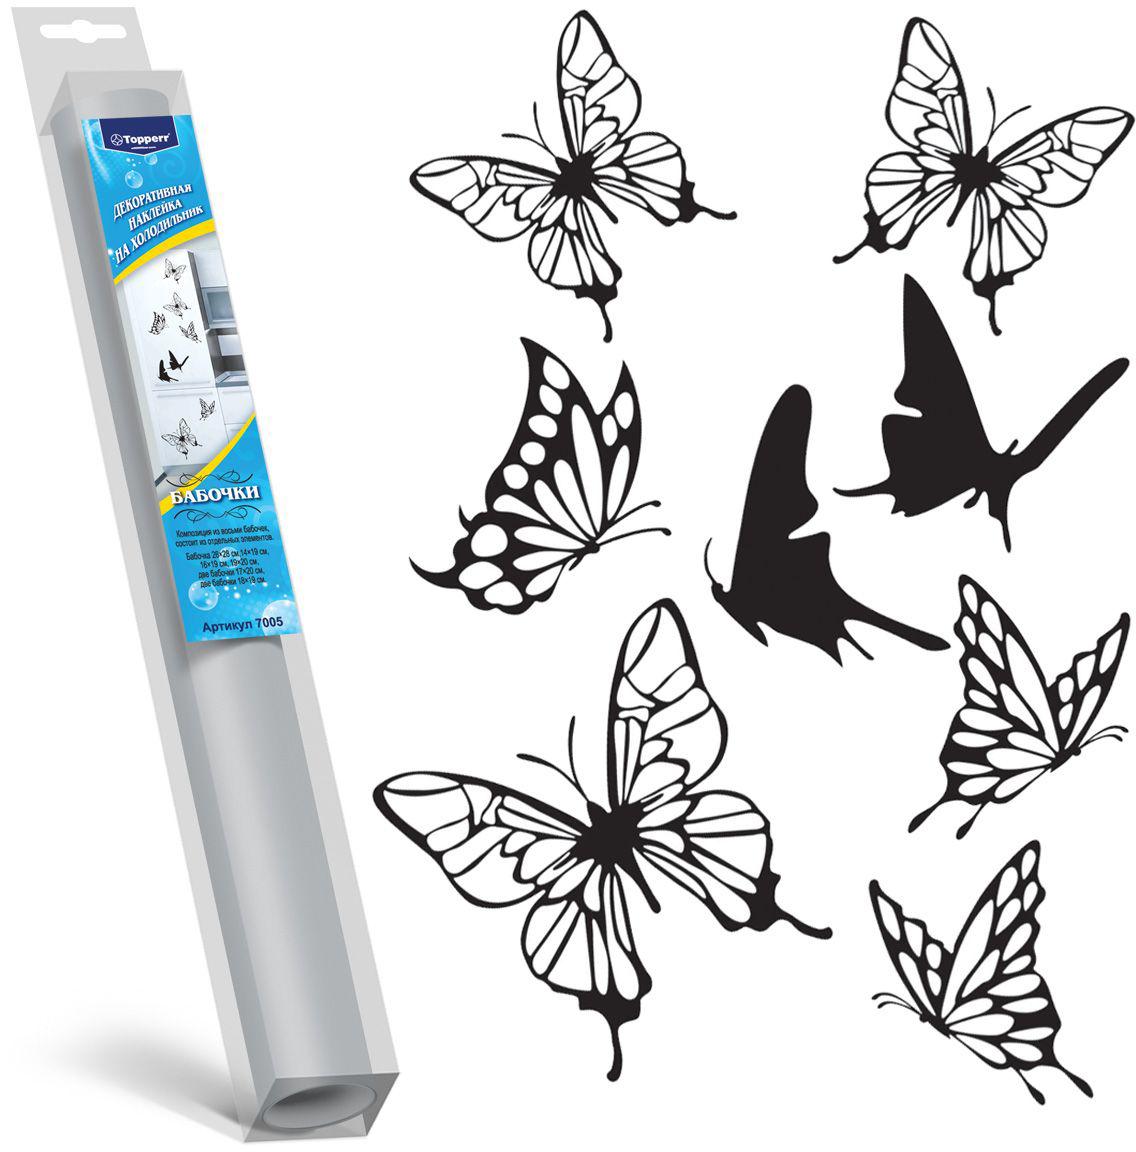 Декоративная наклейка Topperr Бабочки для холодильников391602Декоративная цветная наклейка на холодильник из винила Бабочки. Композиция из восьми бабочек, состоит из отдельных элементов. Бабочки: 26 х 28 см, 14 х 19 см, 16 х 19 см, 19 х 20 см, 17,5 х 20 см – шт., 18 х 19 см – 2 шт.Способ применения:Достаньте композицию из упаковки. Наклеивать нужно на чистую и сухую поверхность. Аккуратно отделите рисунок от бумаги. Смочите оборотную сторону мыльным раствором. Начинать приклеивать композицию лучше сверху. Приклеивайте рисунок на поверхность, тщательно разглаживания композицию по направлению от середины к краям.В упаковке: 1 шт